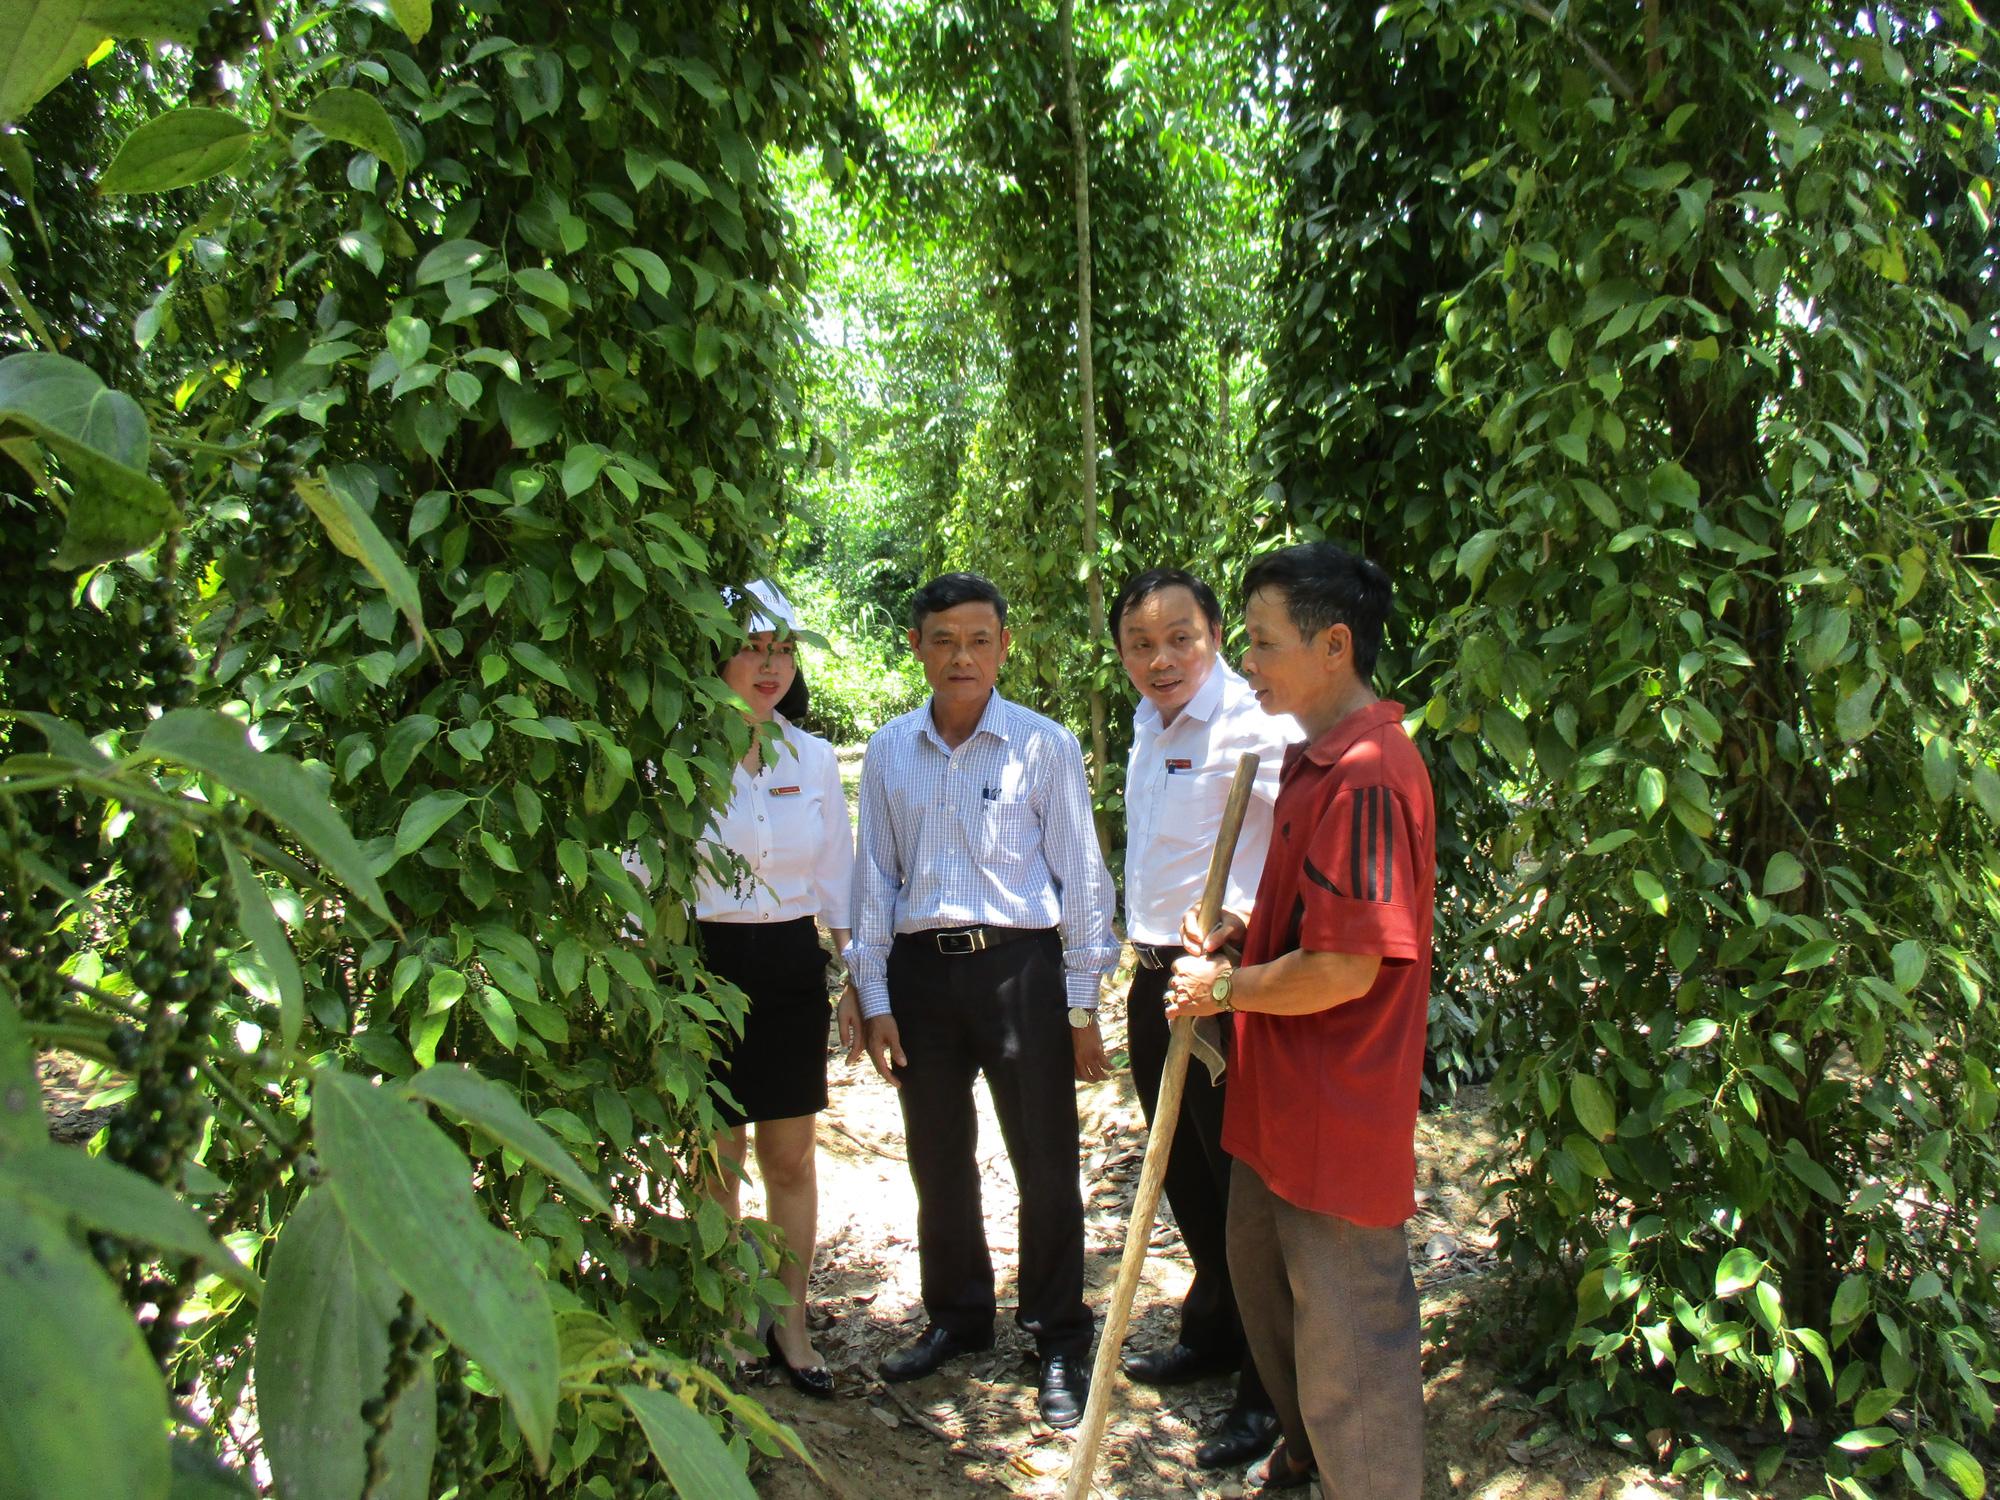 Quảng Nam: Tiên Mỹ đạt chuẩn Nông thôn mới, người dân thu nhập tăng gấp 3 lần  - Ảnh 2.